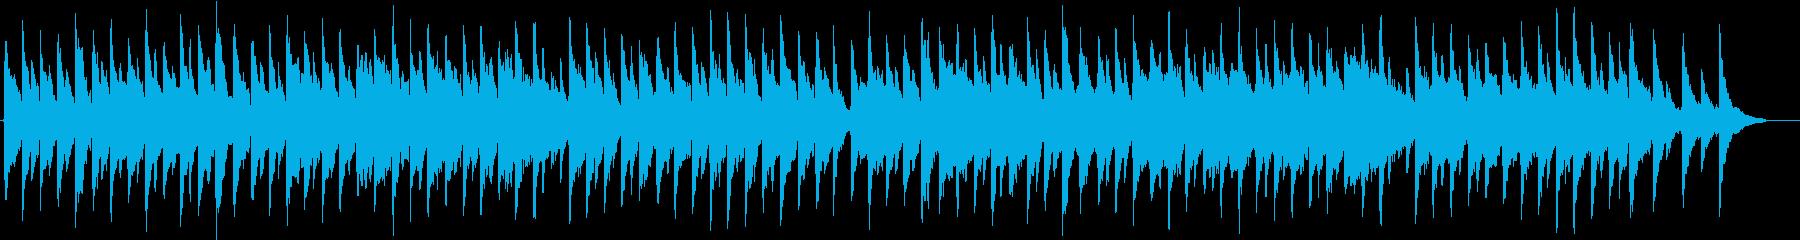 「むすんでひらいて」をヴァイオリンでの再生済みの波形